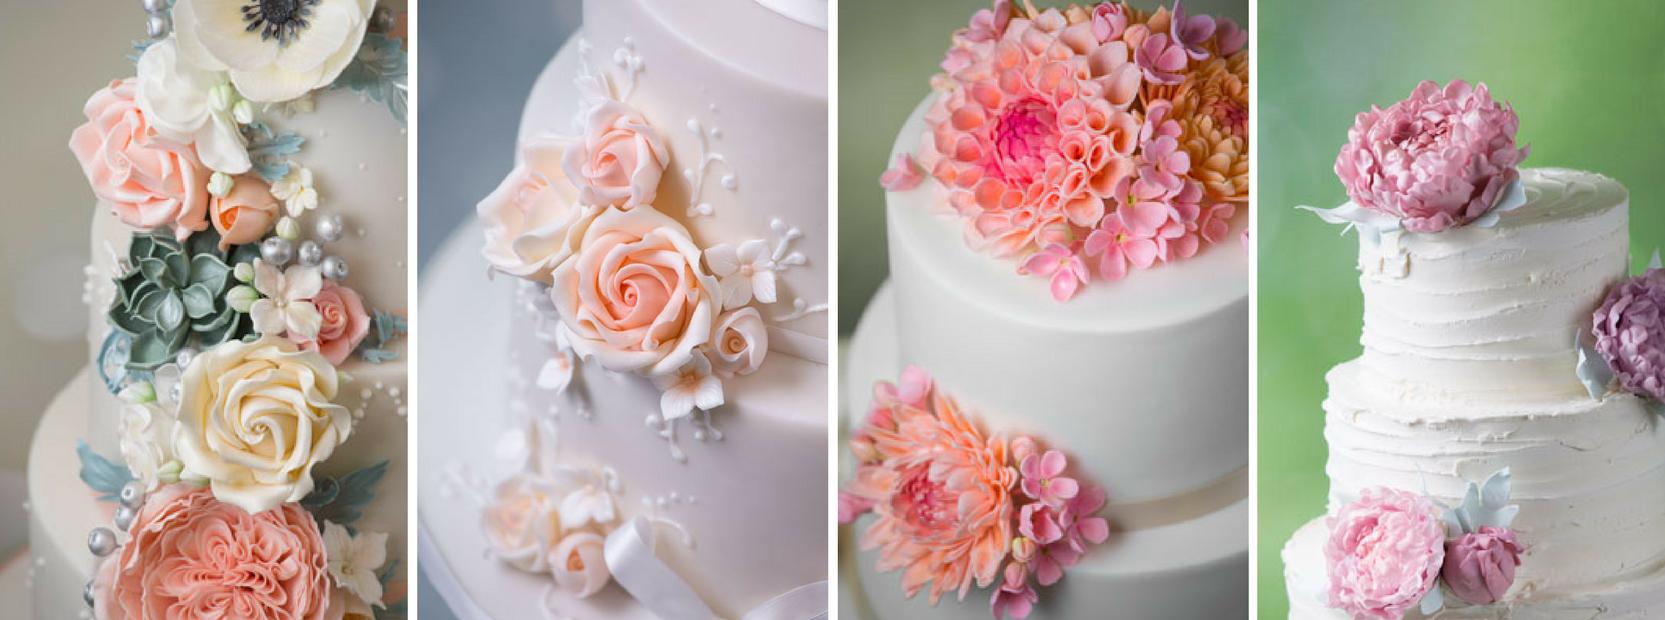 Minh Cakes Galerie Hochzeitstorten 2016